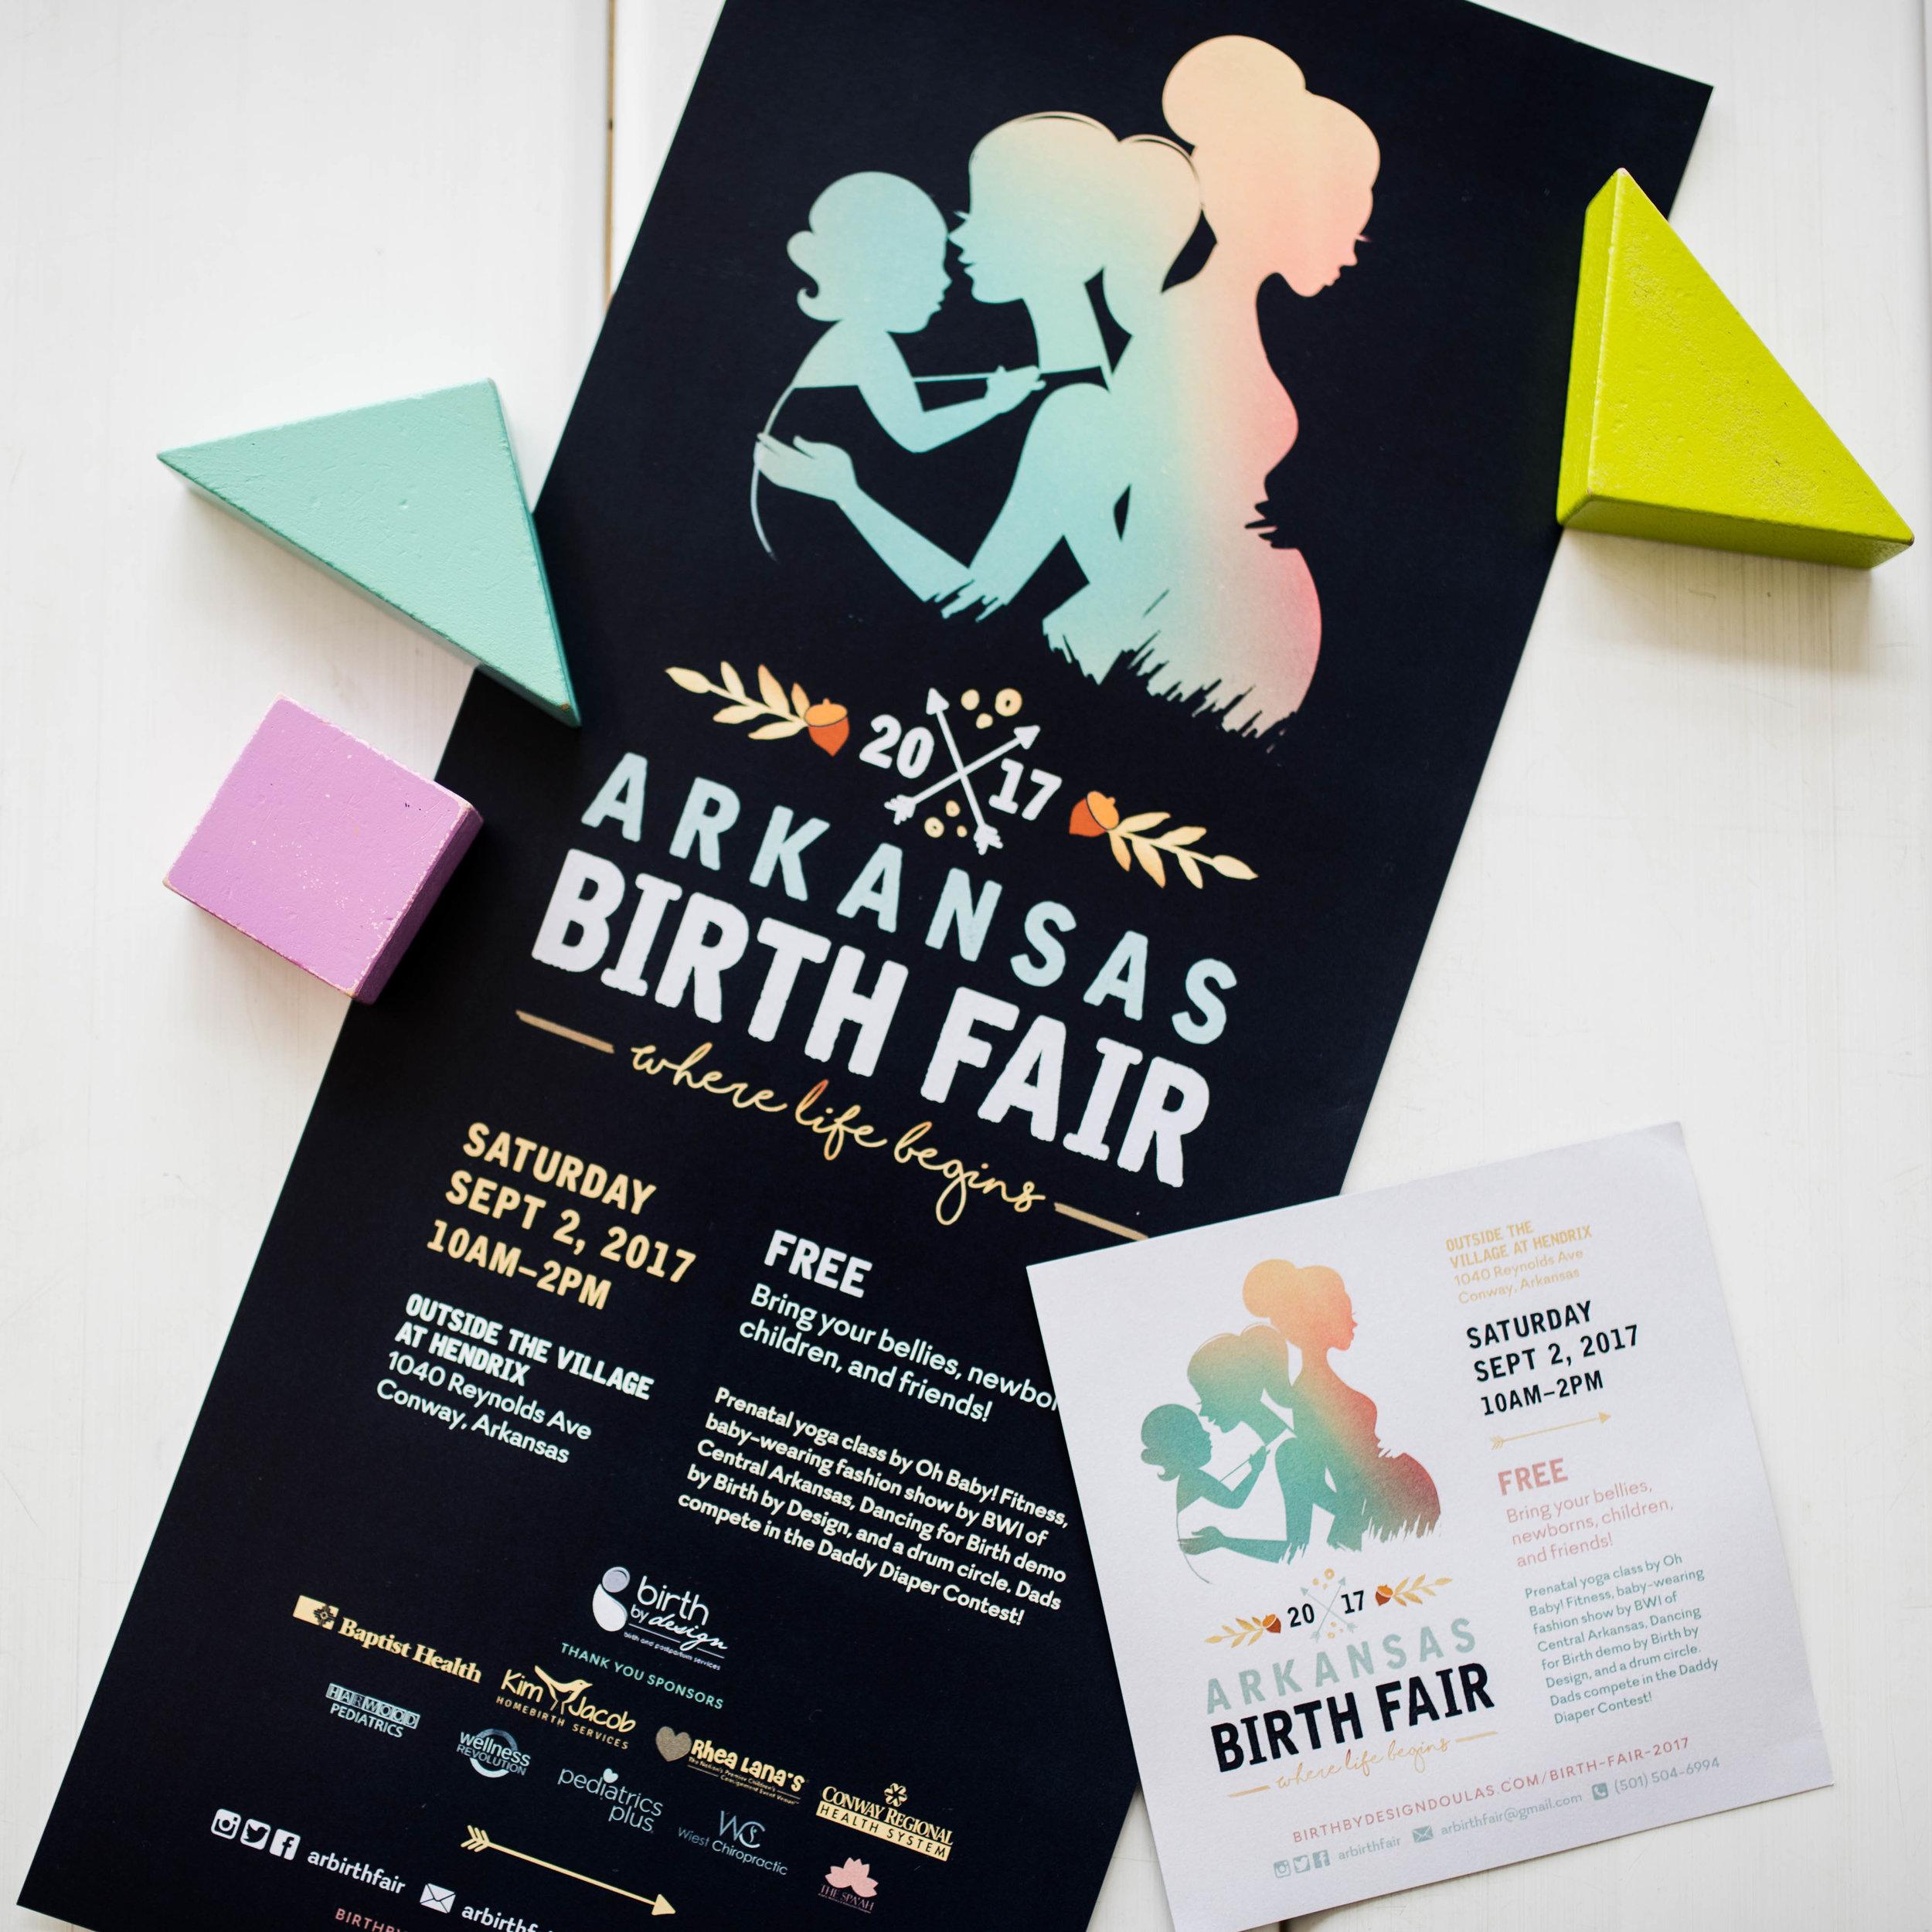 Arkansas Birth Fair